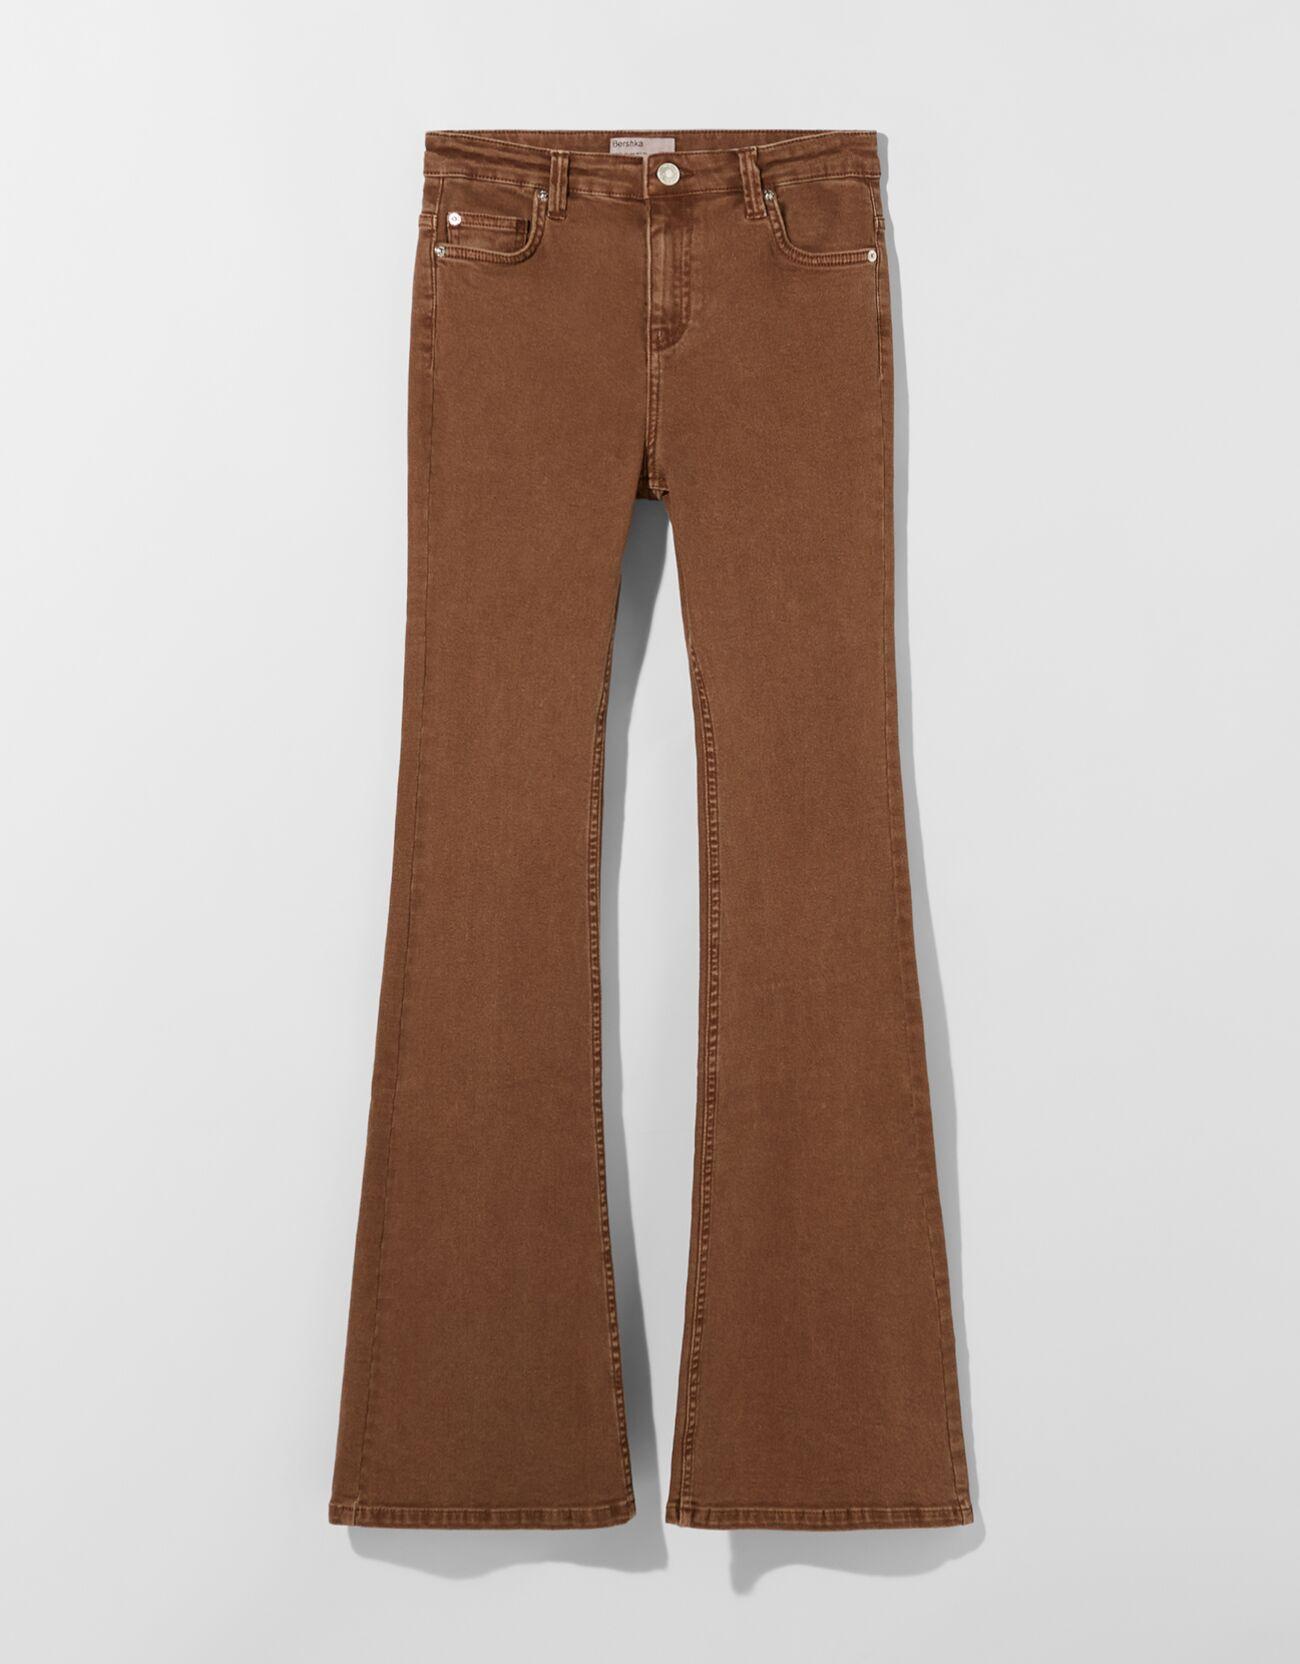 De color marrón.